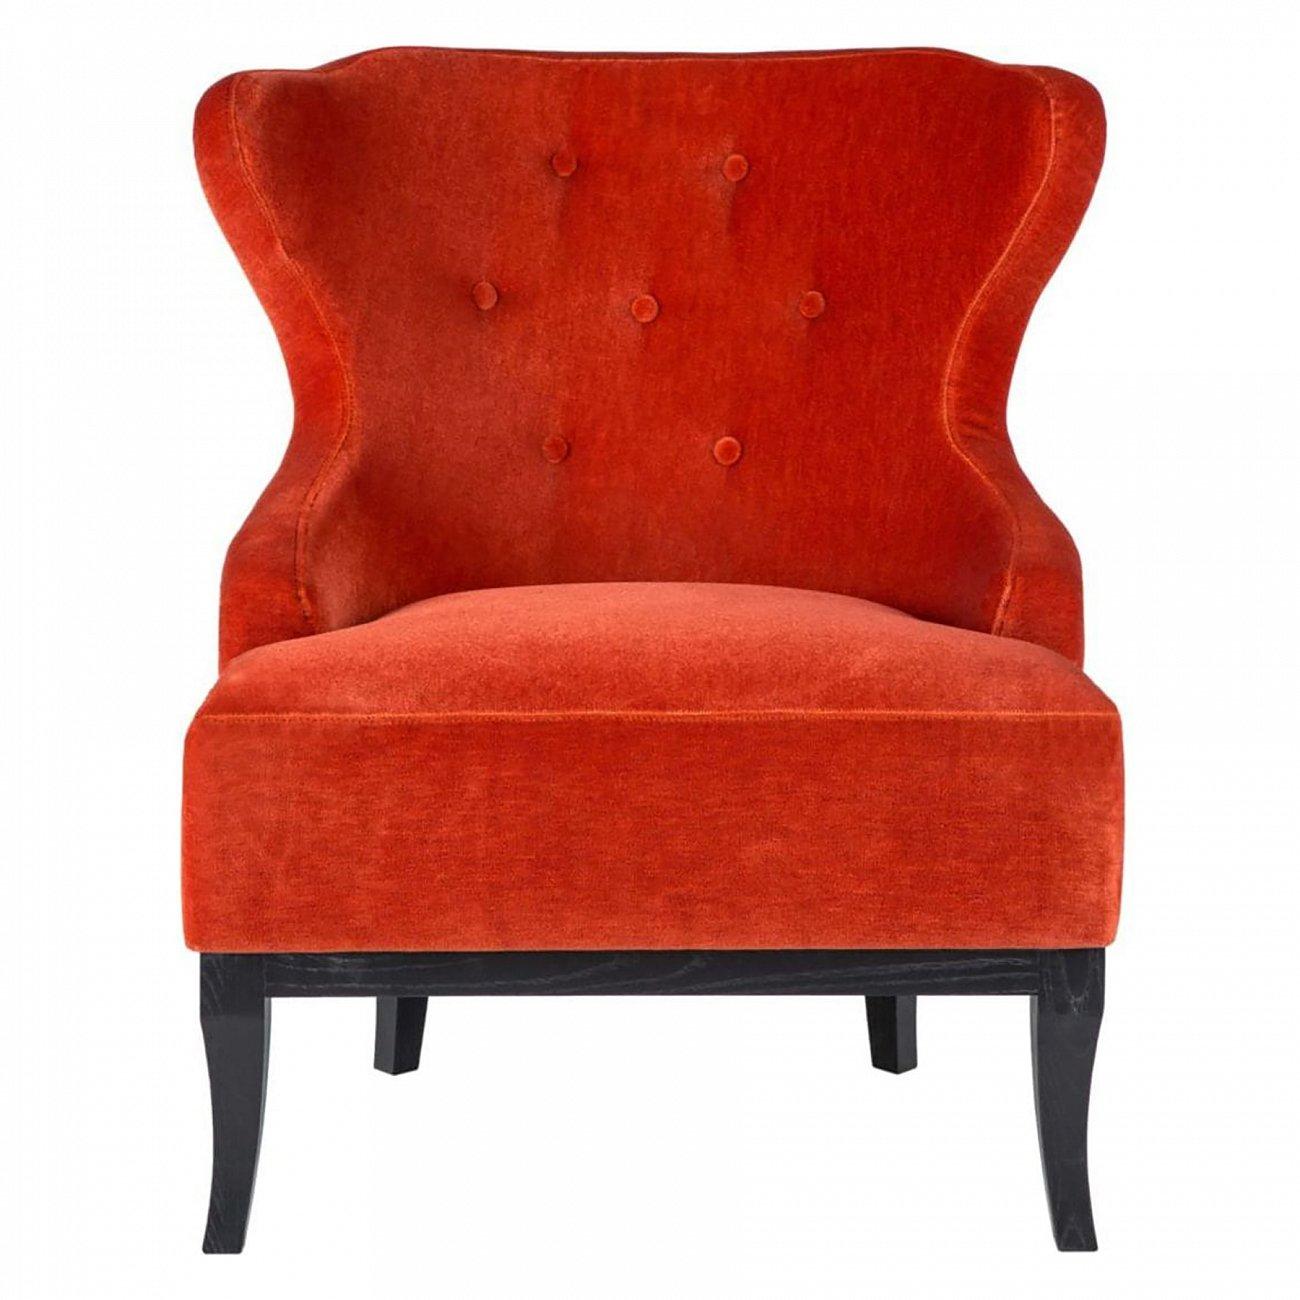 Купить Кресло Red velvet в интернет магазине дизайнерской мебели и аксессуаров для дома и дачи